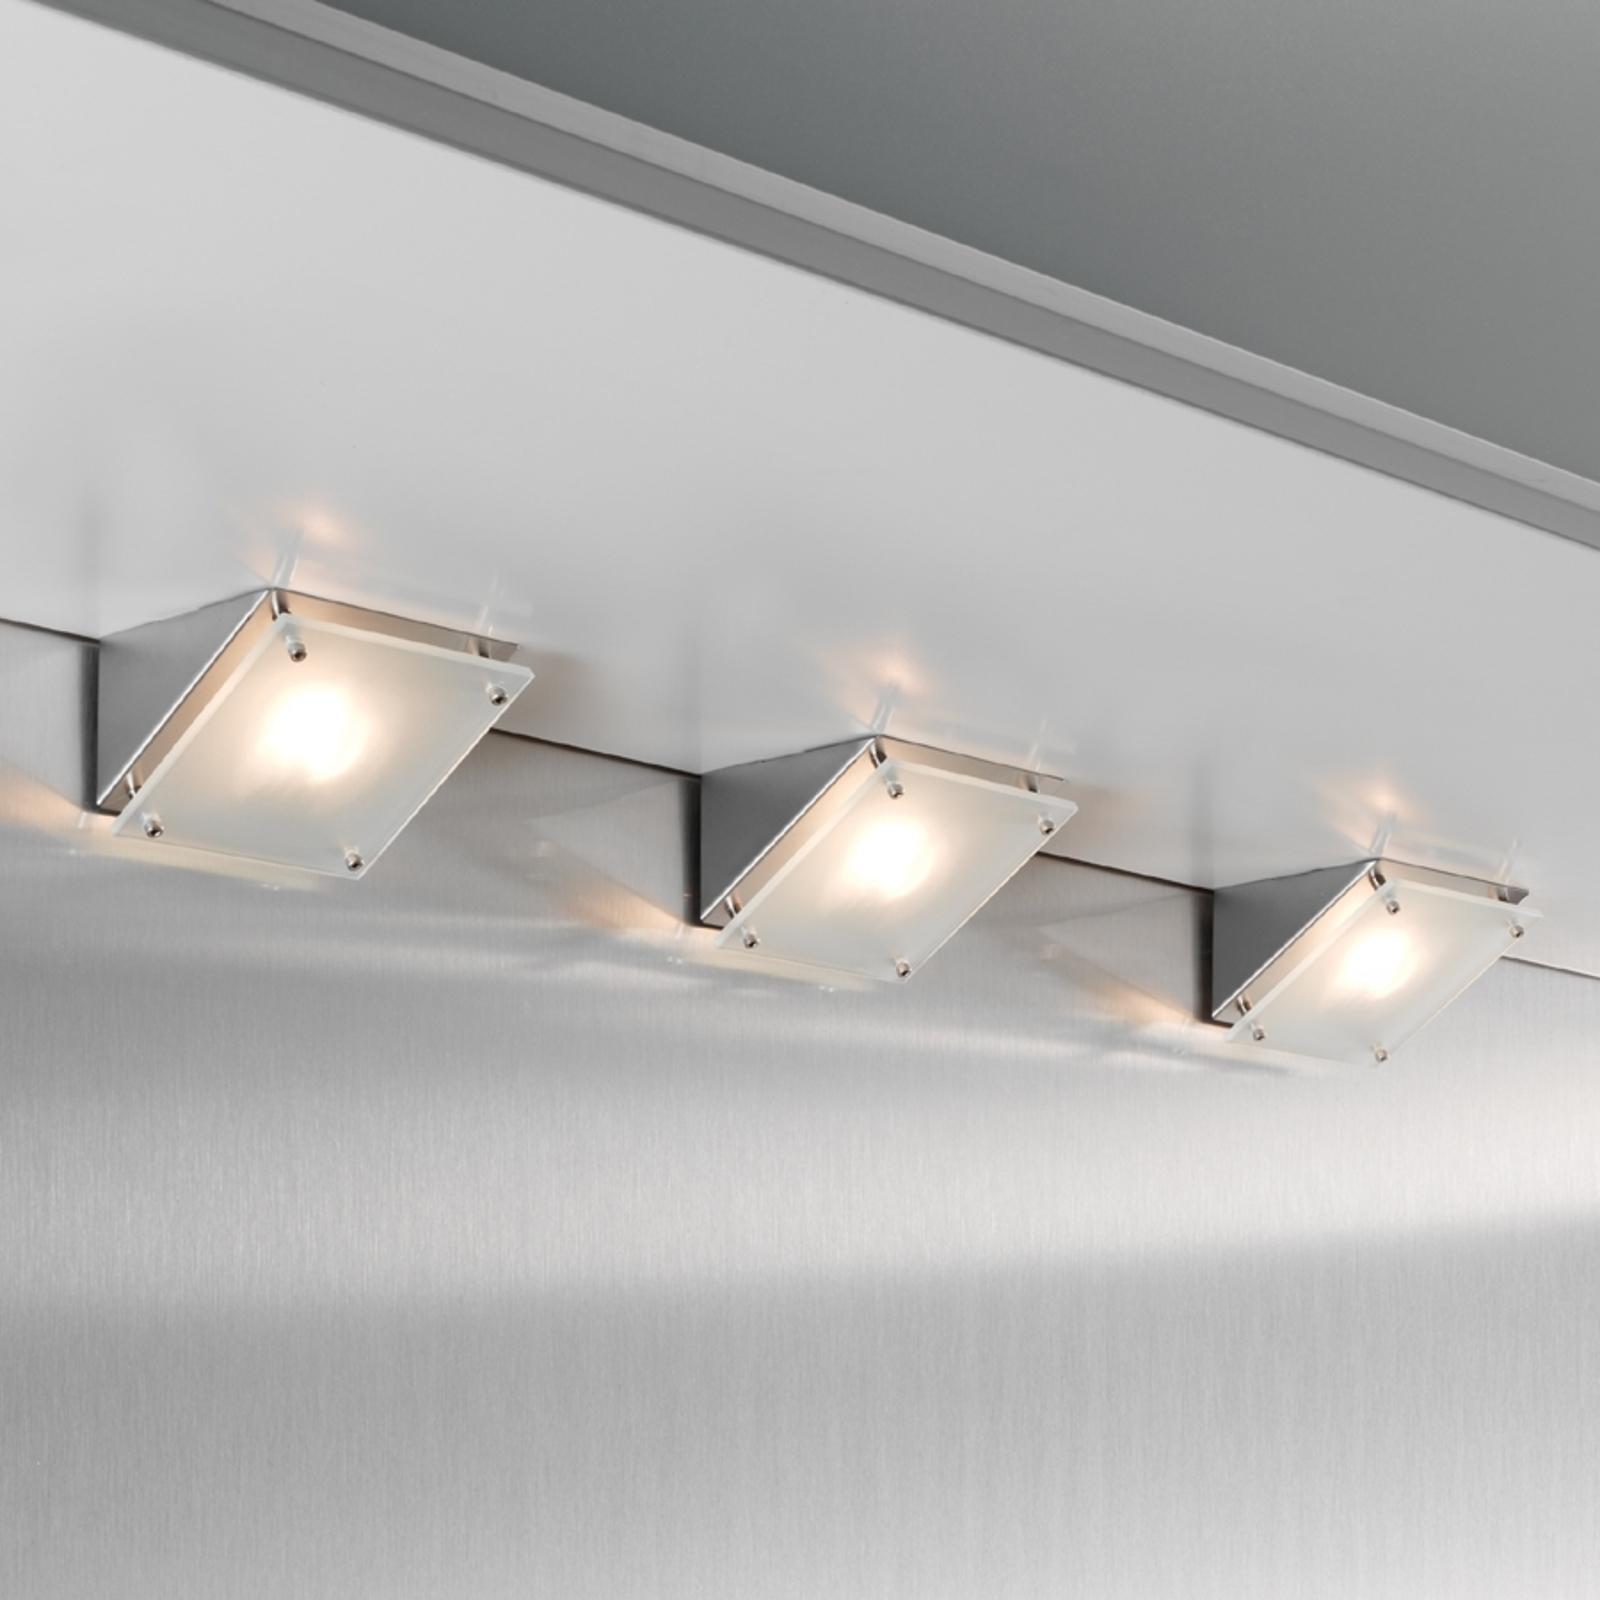 Lámpara halógena bajo mueble SHINE, set de 3 unid.